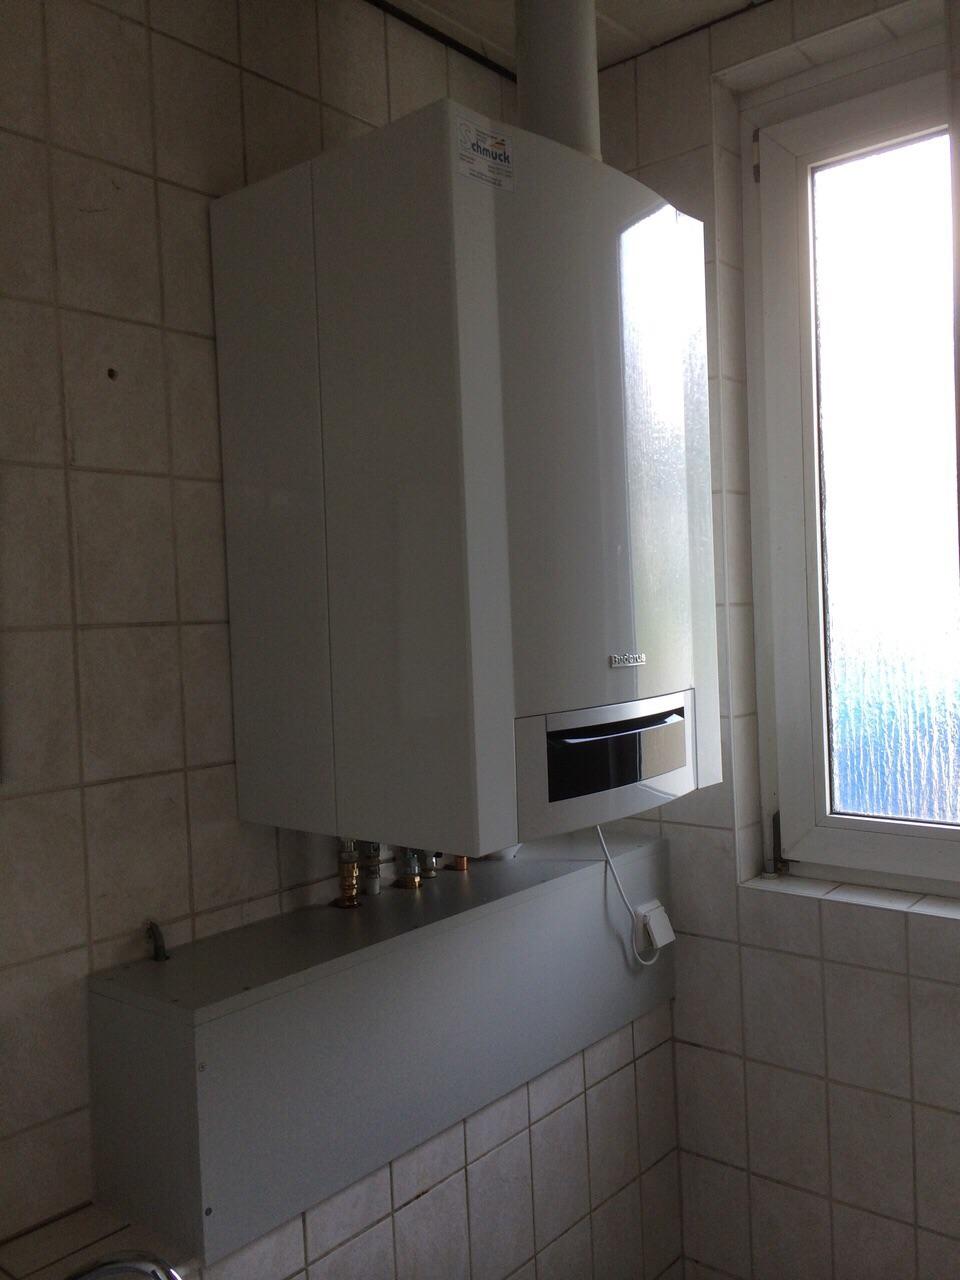 Gasbrennwerttherme mit integriertem 50 Liter Trinkwasserspeicher